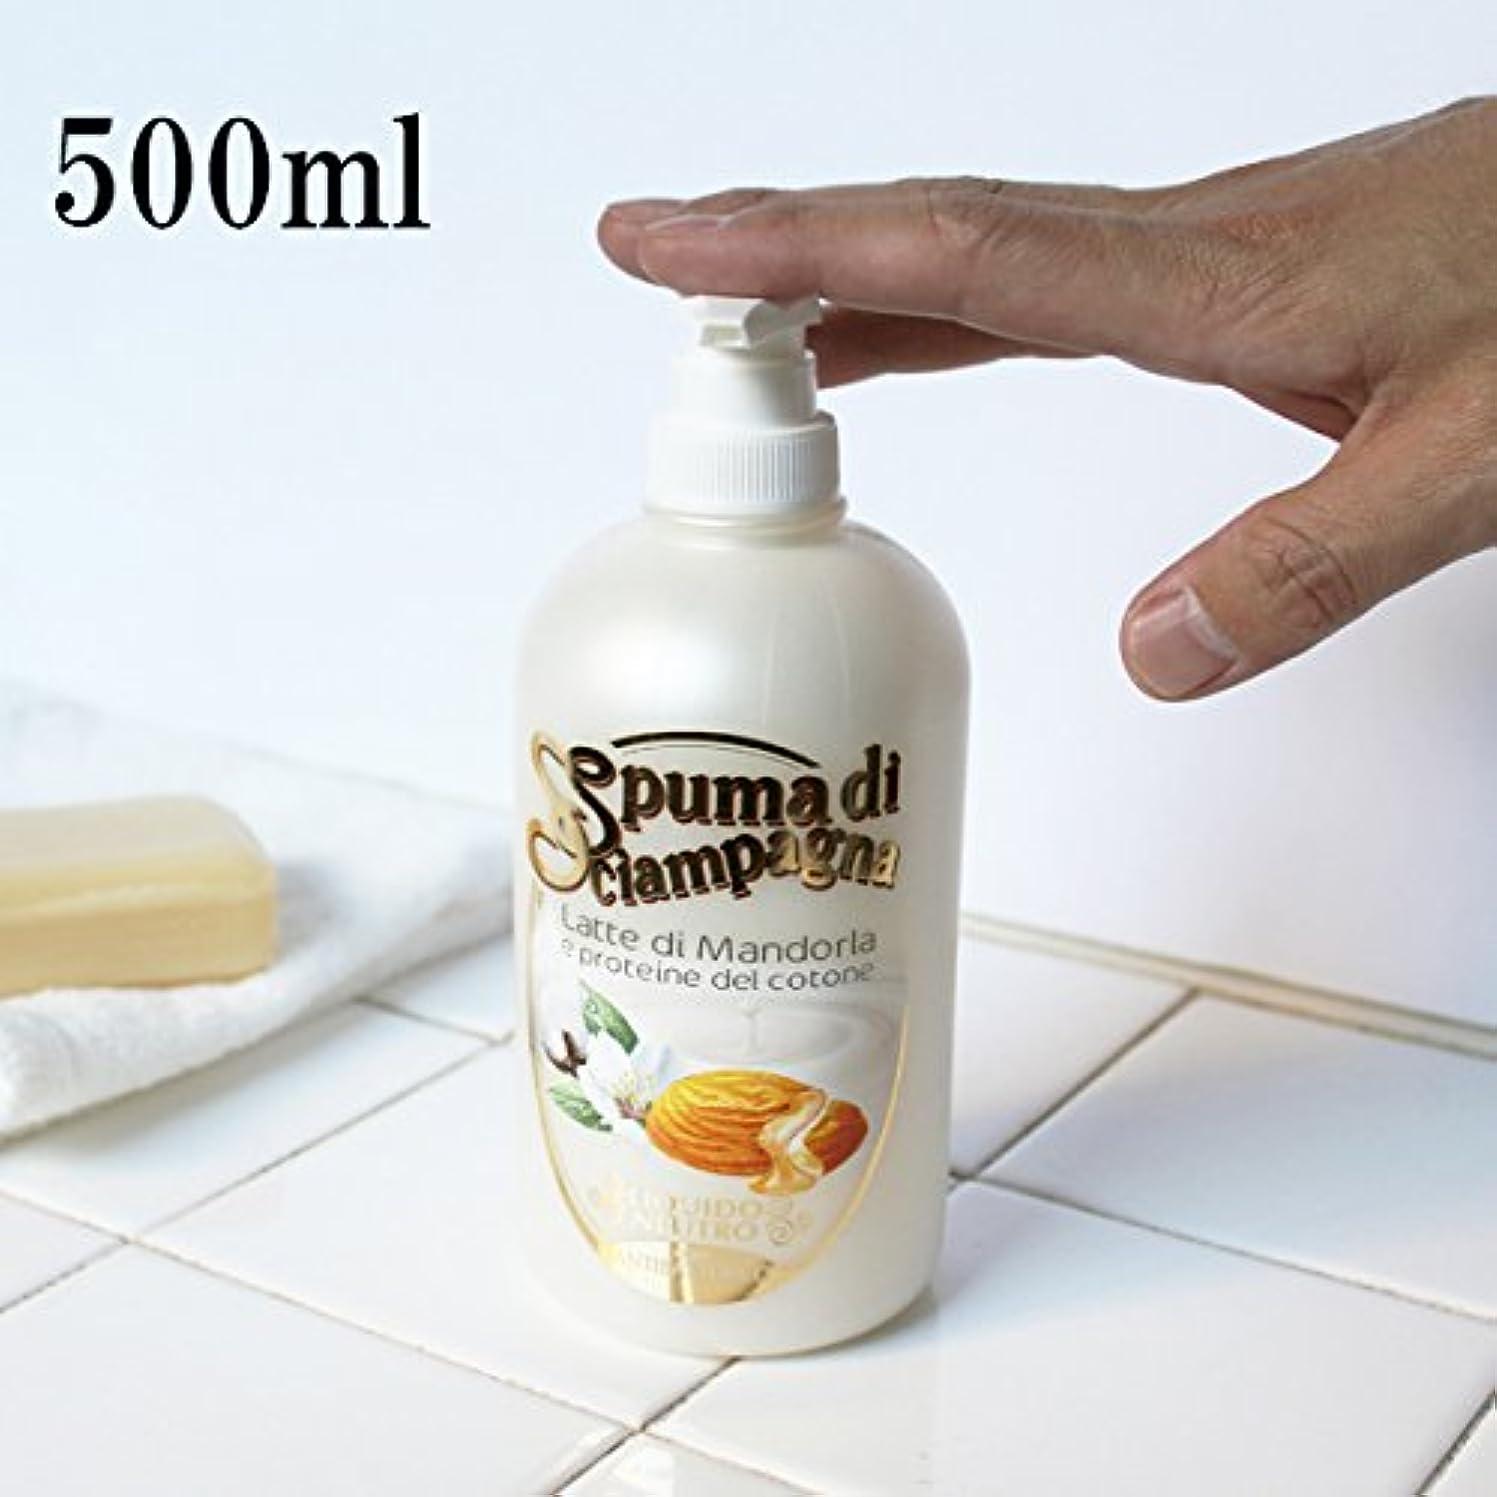 動的ロードハウス溶岩Spuma di Sciampagna (スプーマ ディ シャンパーニャ) リキッドソープ 500ml アーモンドの香り